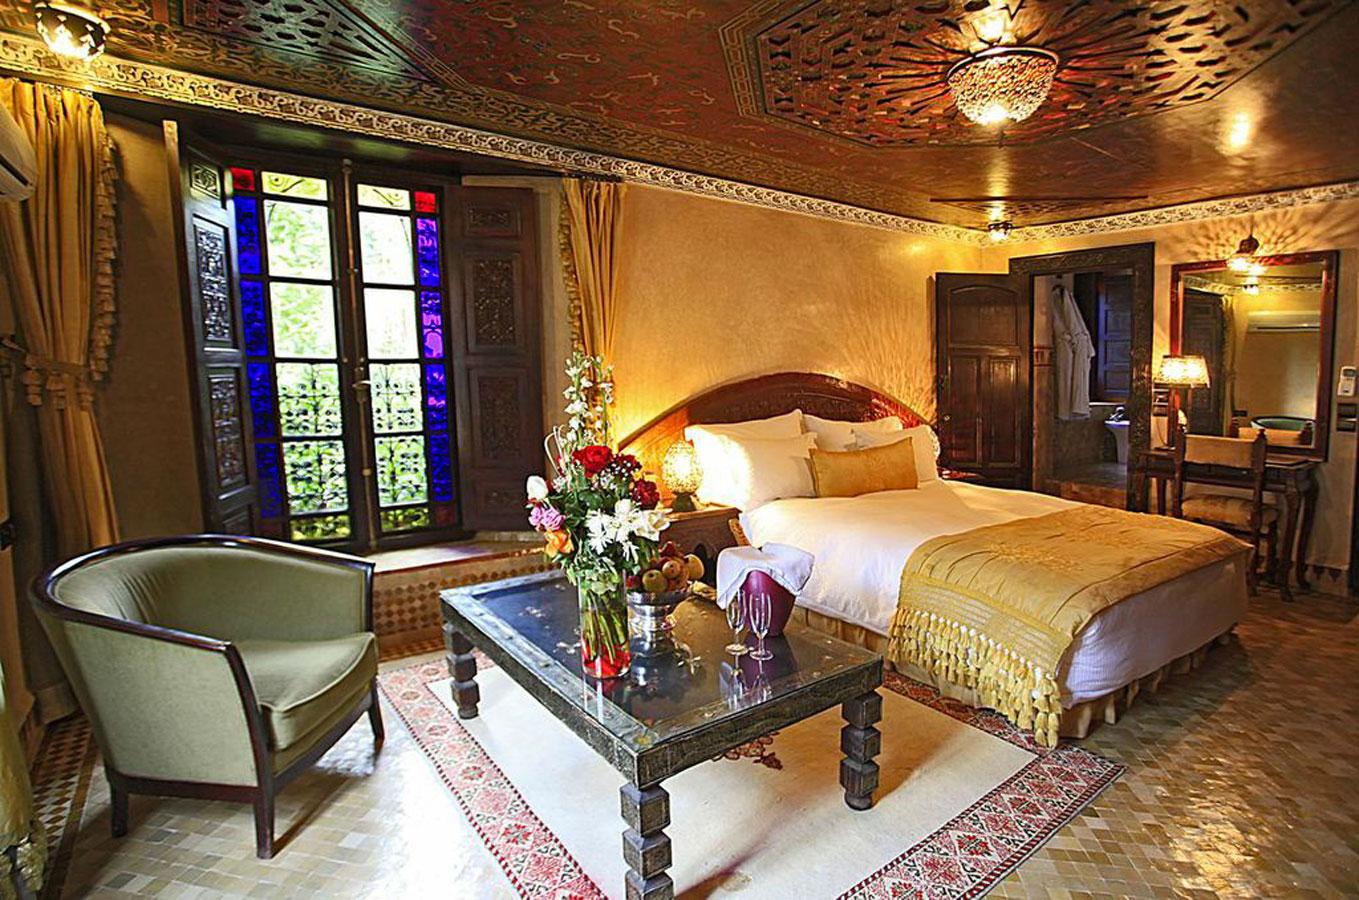 Palais Sheherazade Fez: Luxury Hotel Fez - Riad Fez